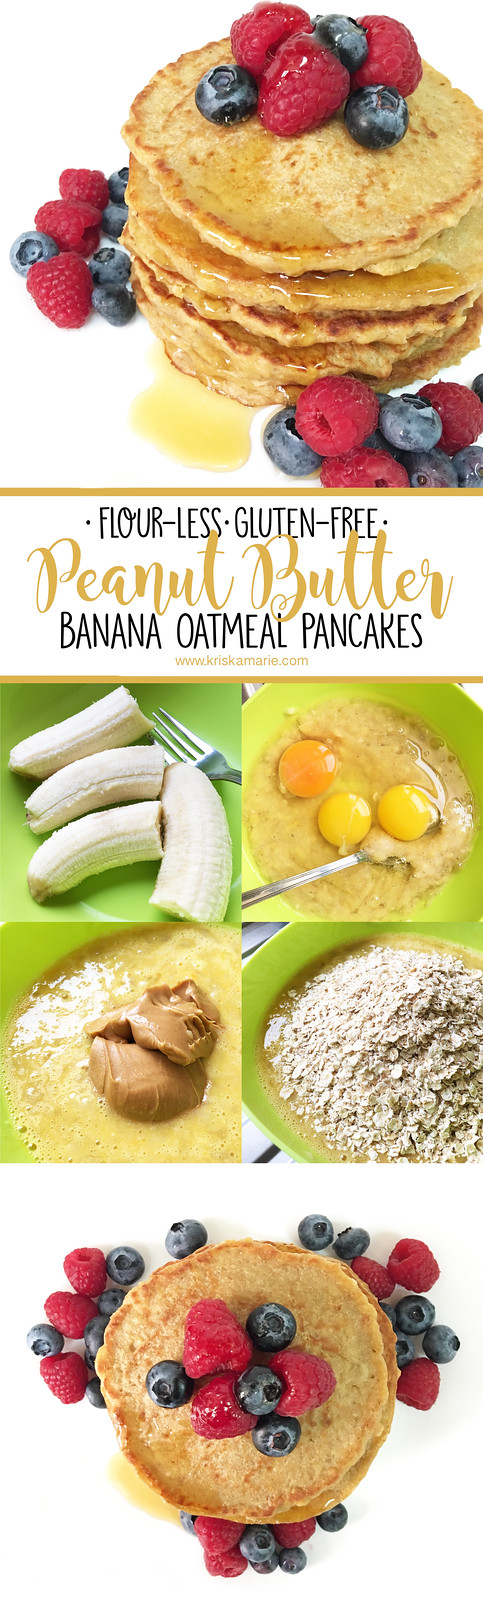 Peanut Butter Banana Oatmeal Pancakes